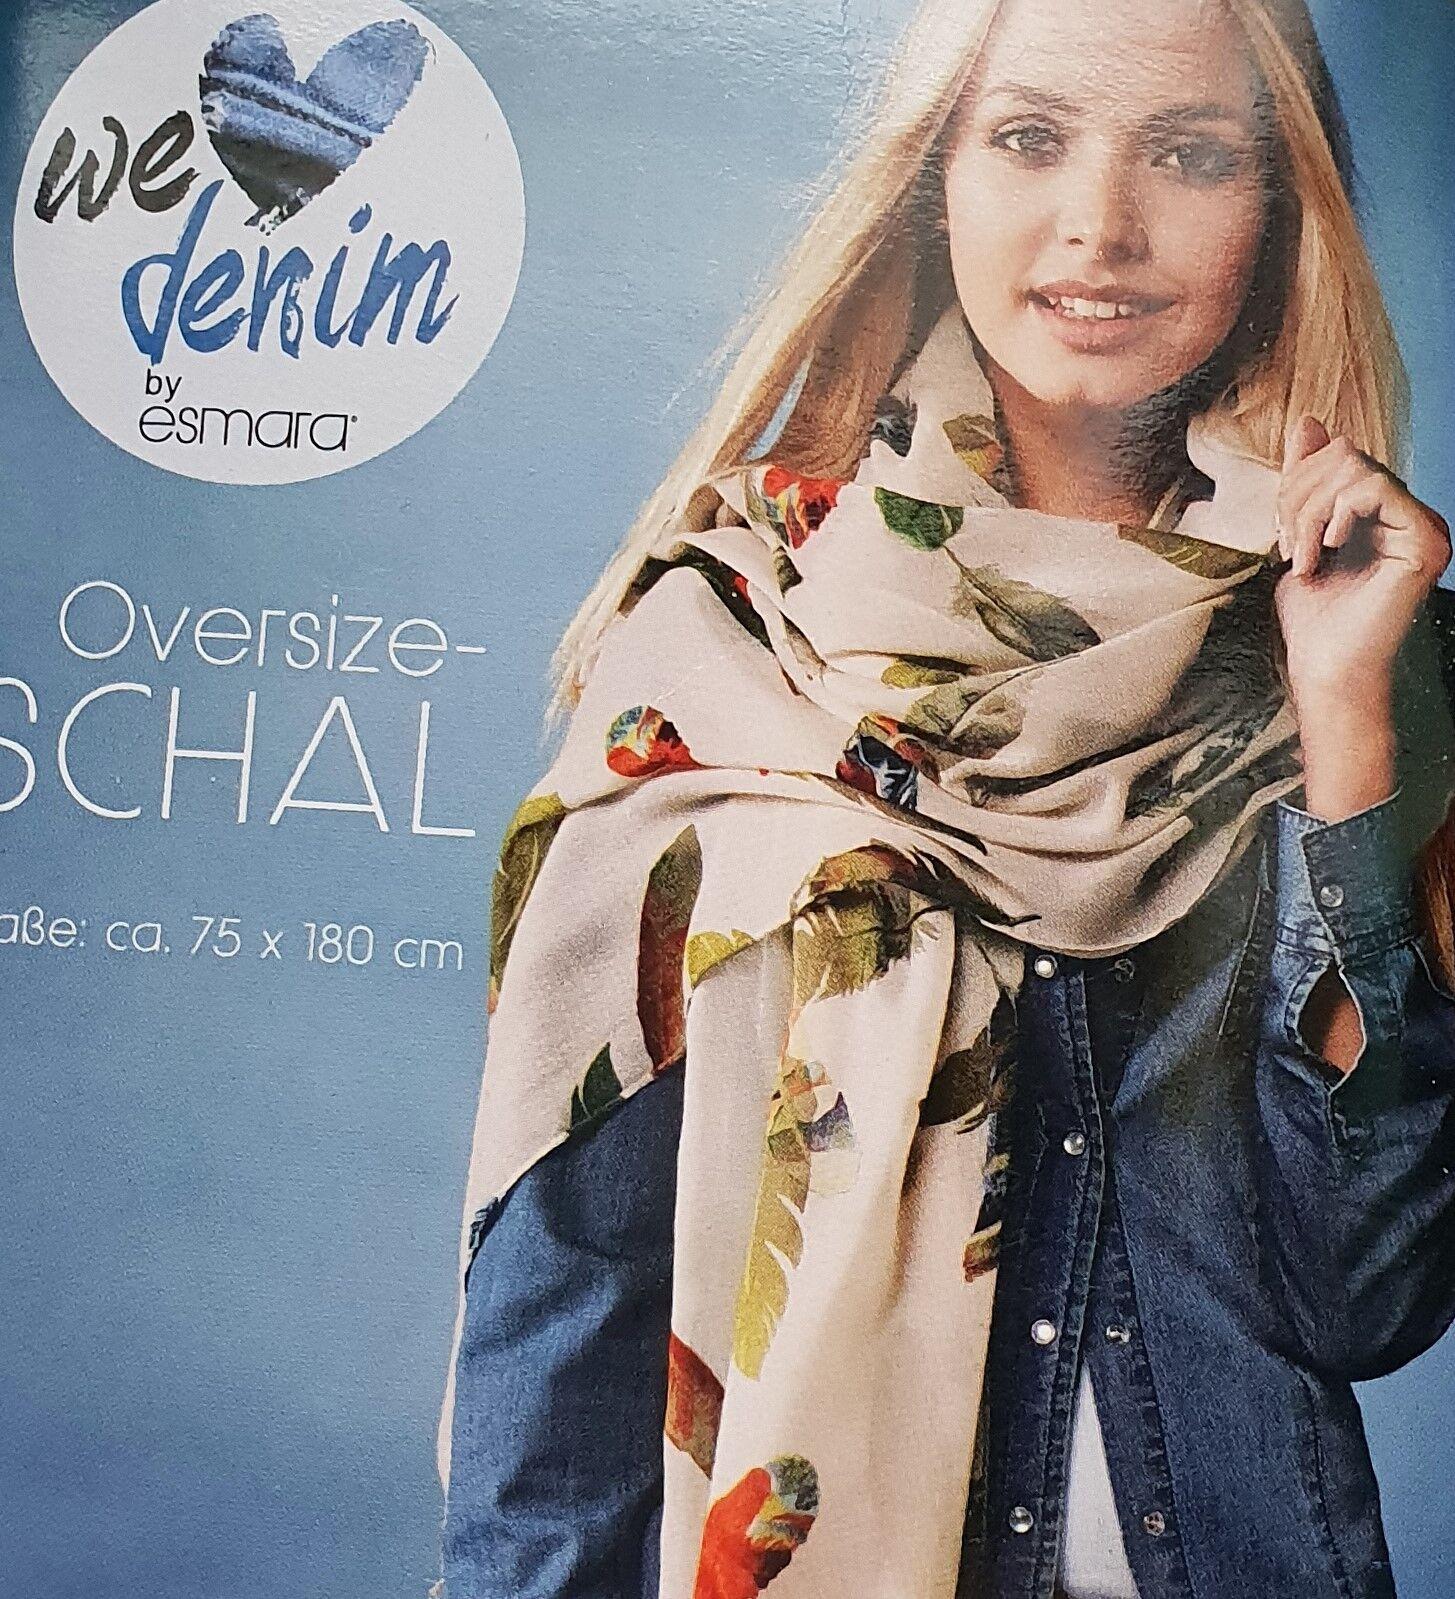 Damen Oversize Schal Leichte & fließende Qualität L 180 x B 75 cm Halstuch Tuch